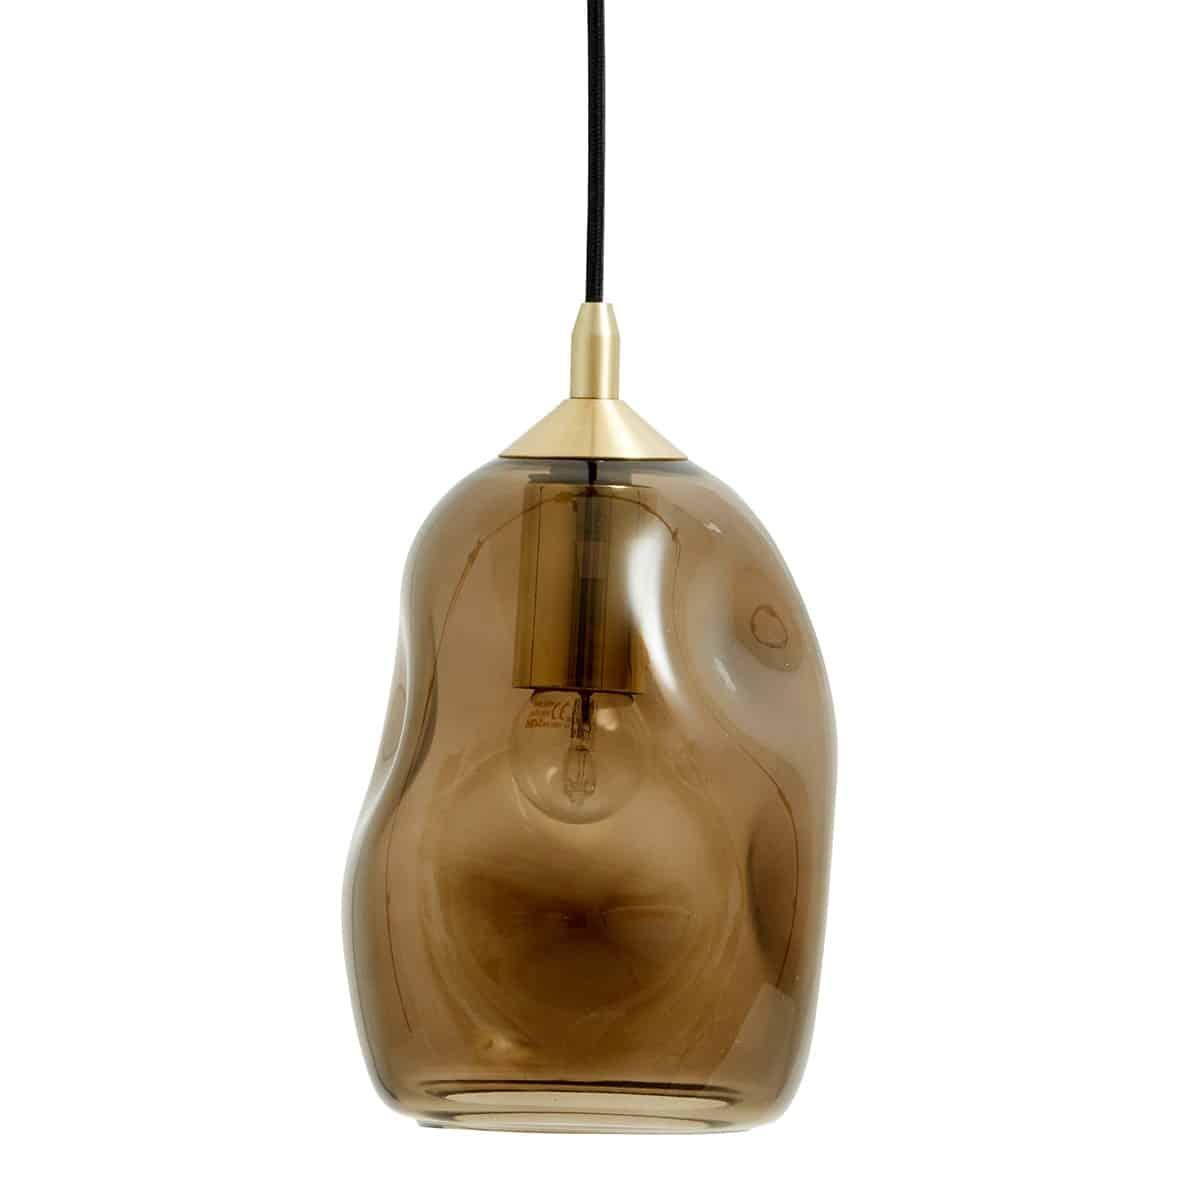 Nordal Taklampa organsik form glas